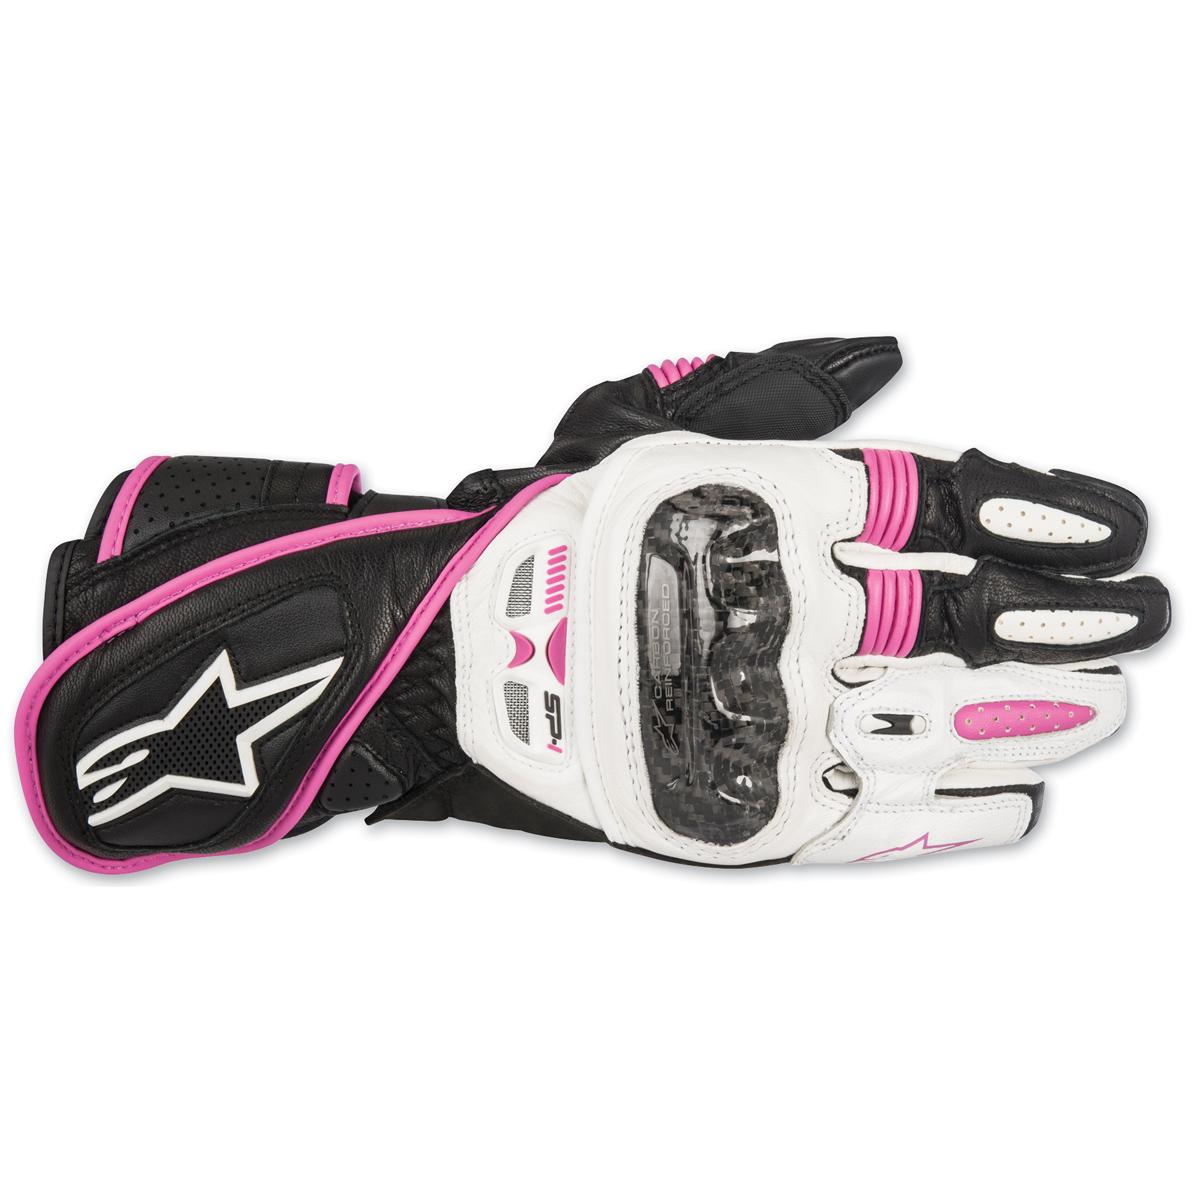 Alpinestars Women's Stella SP-1 Black/White/Purple Leather Gloves